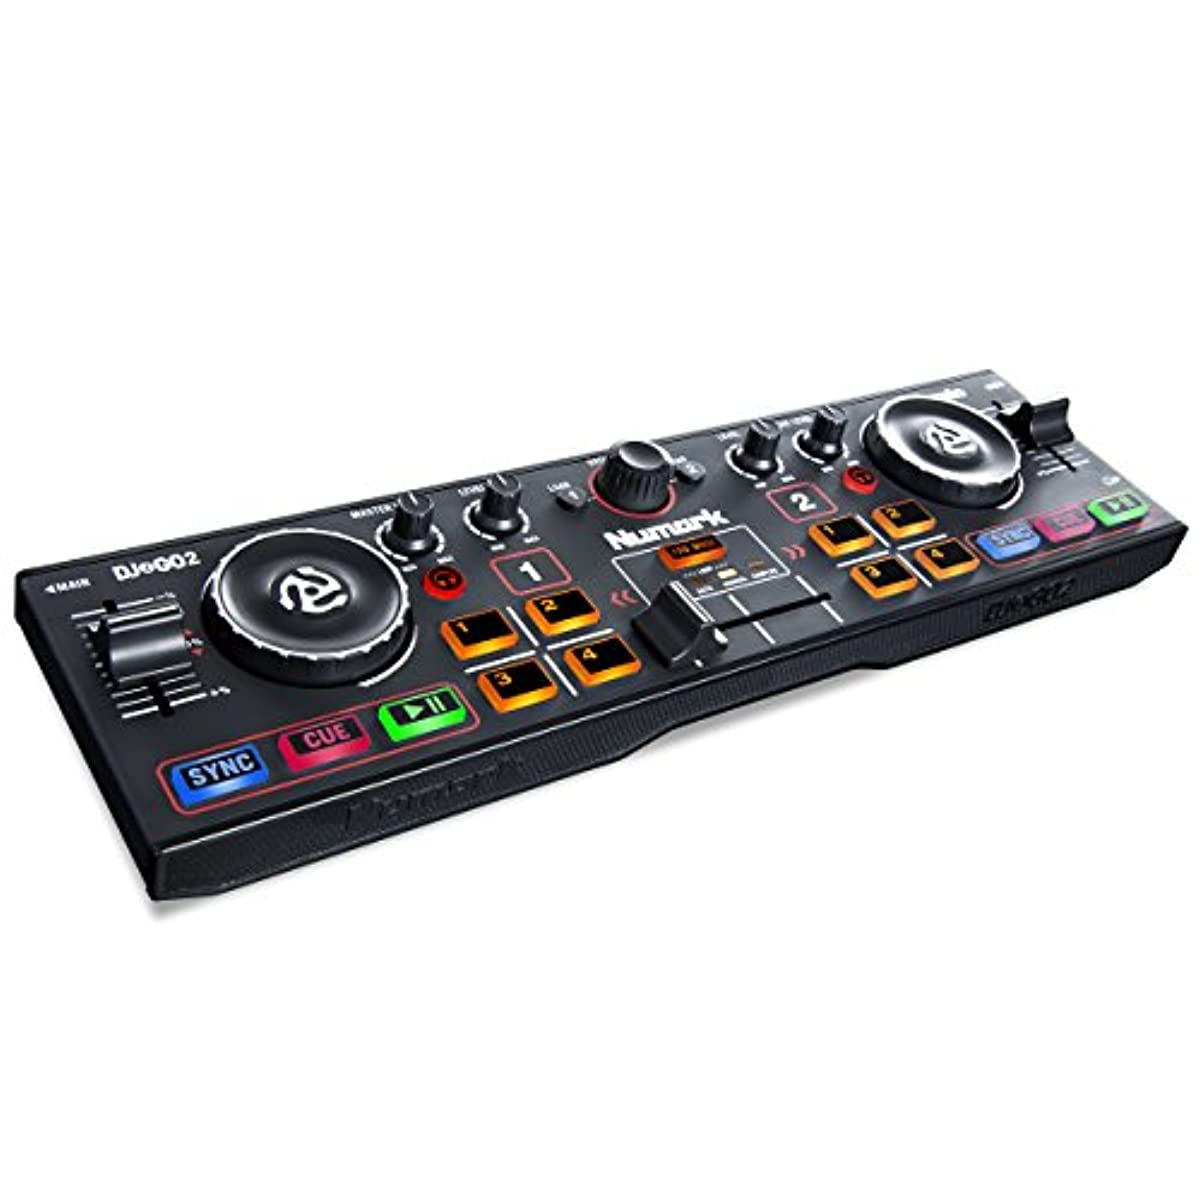 [해외] NUMARK 포터블DJ콘트롤러 SERATO DJ INTR오브착 오디오 인터페이스 내장 DJ2GO2